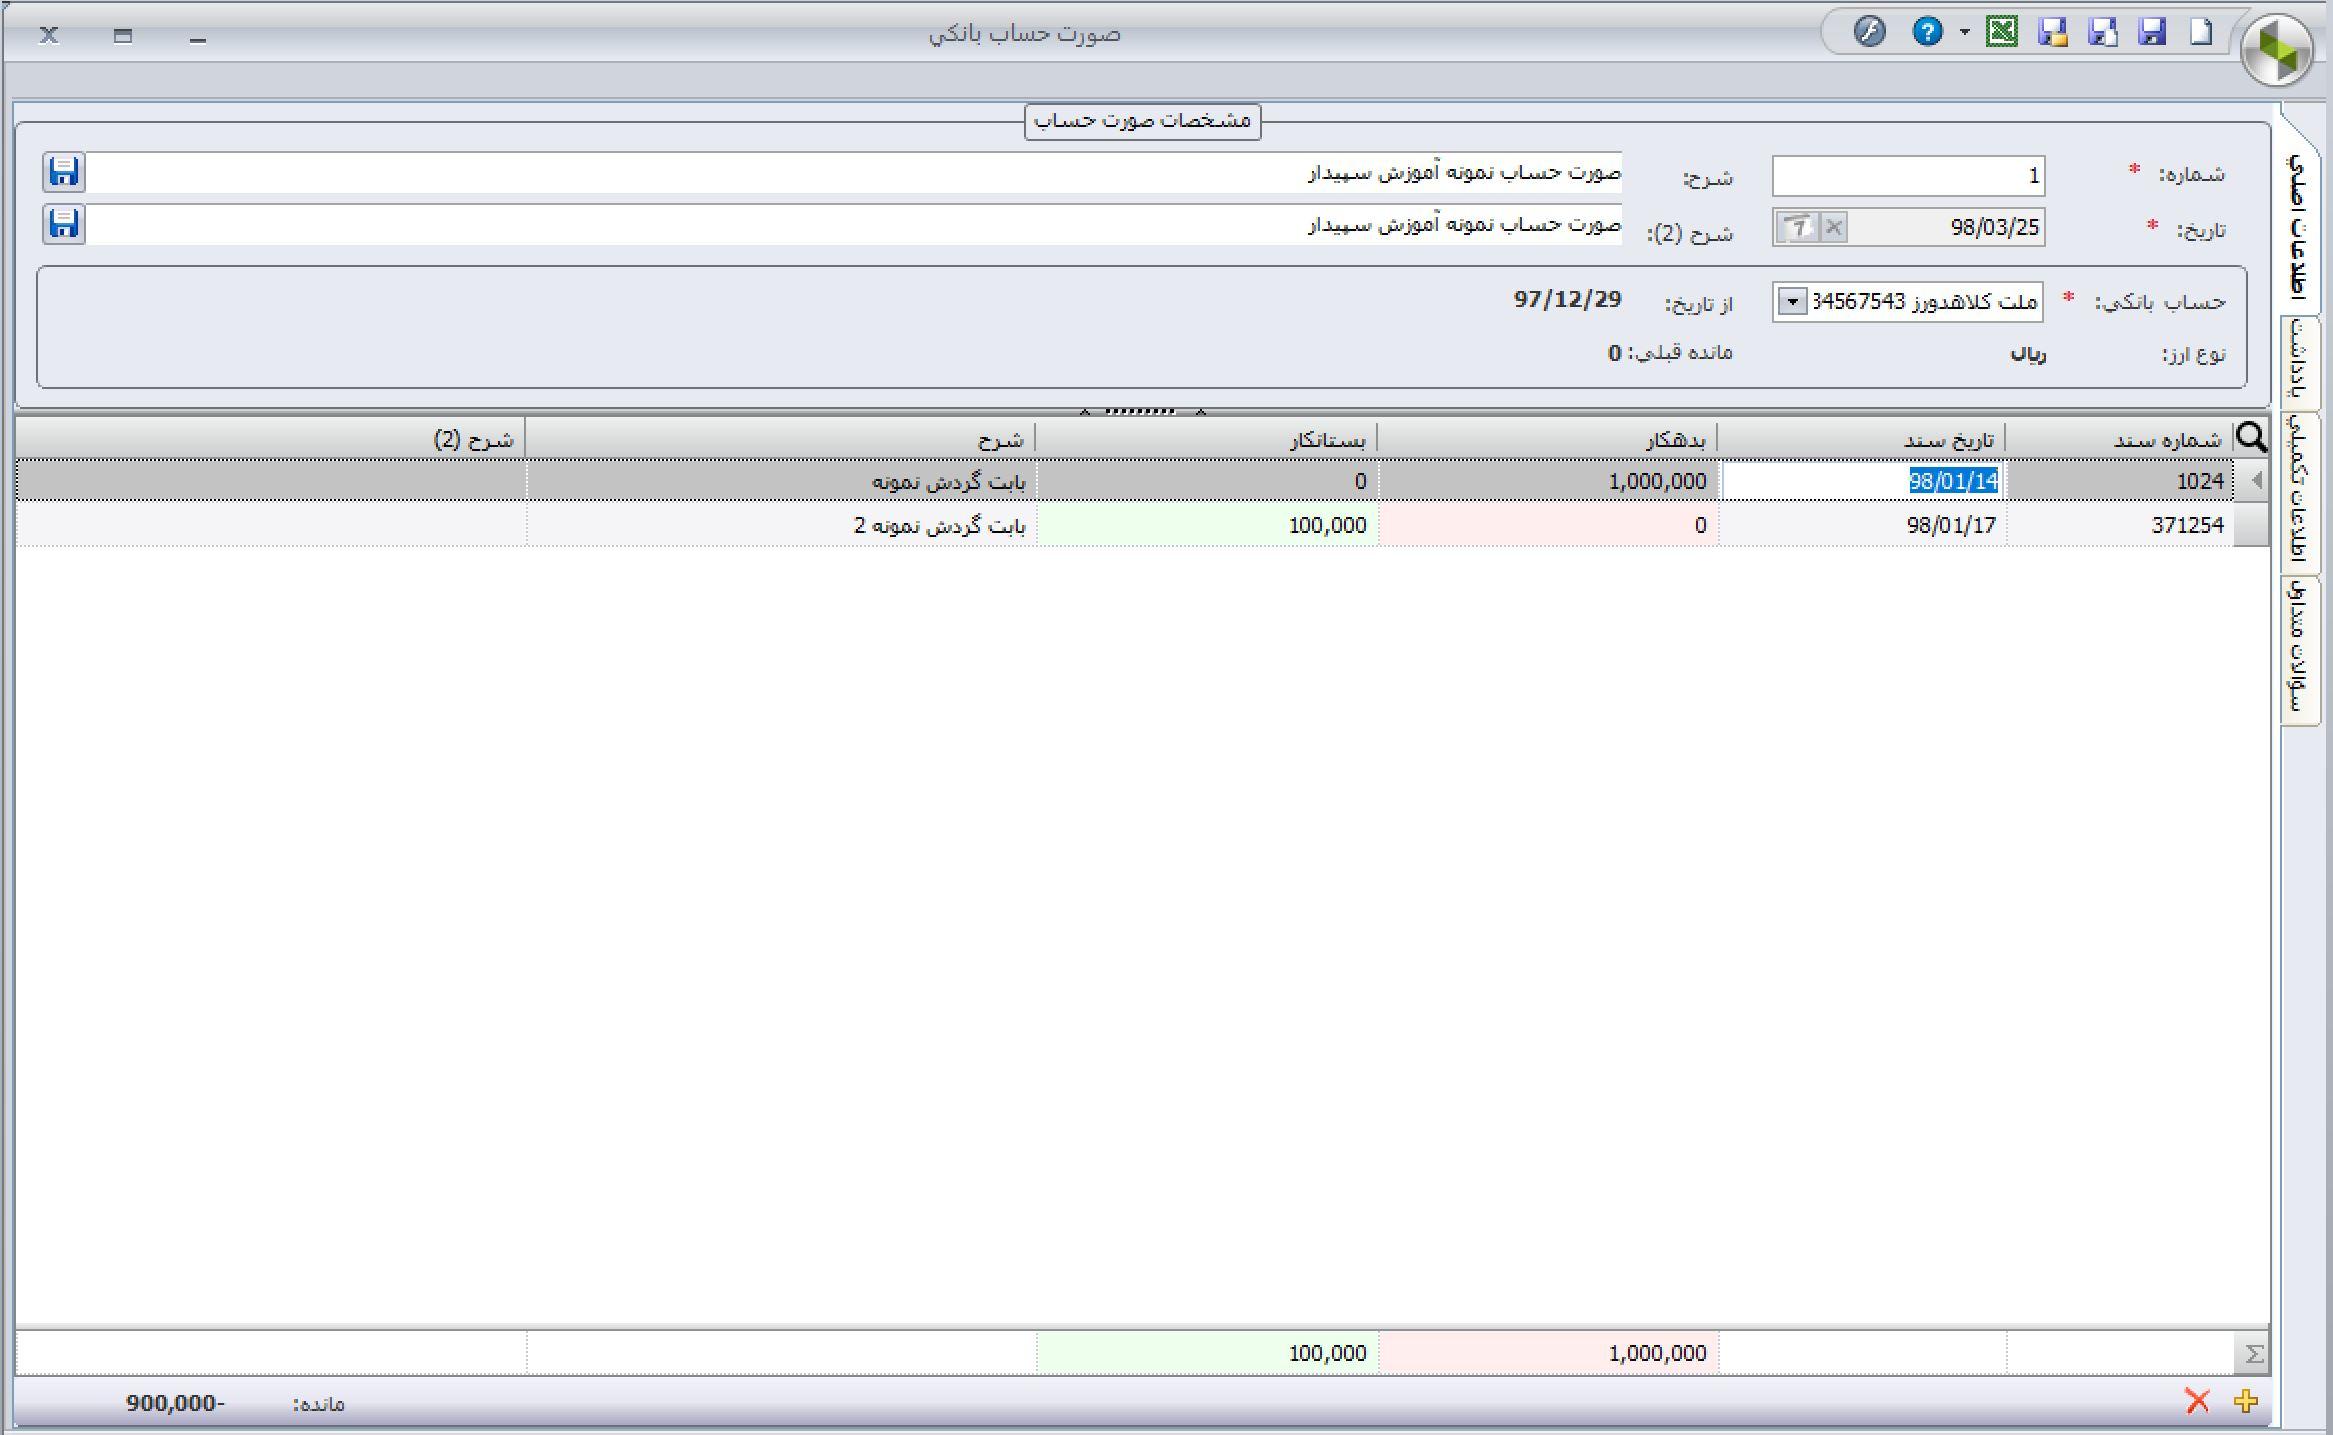 صورت حساب بانکی سپیدار سیستم